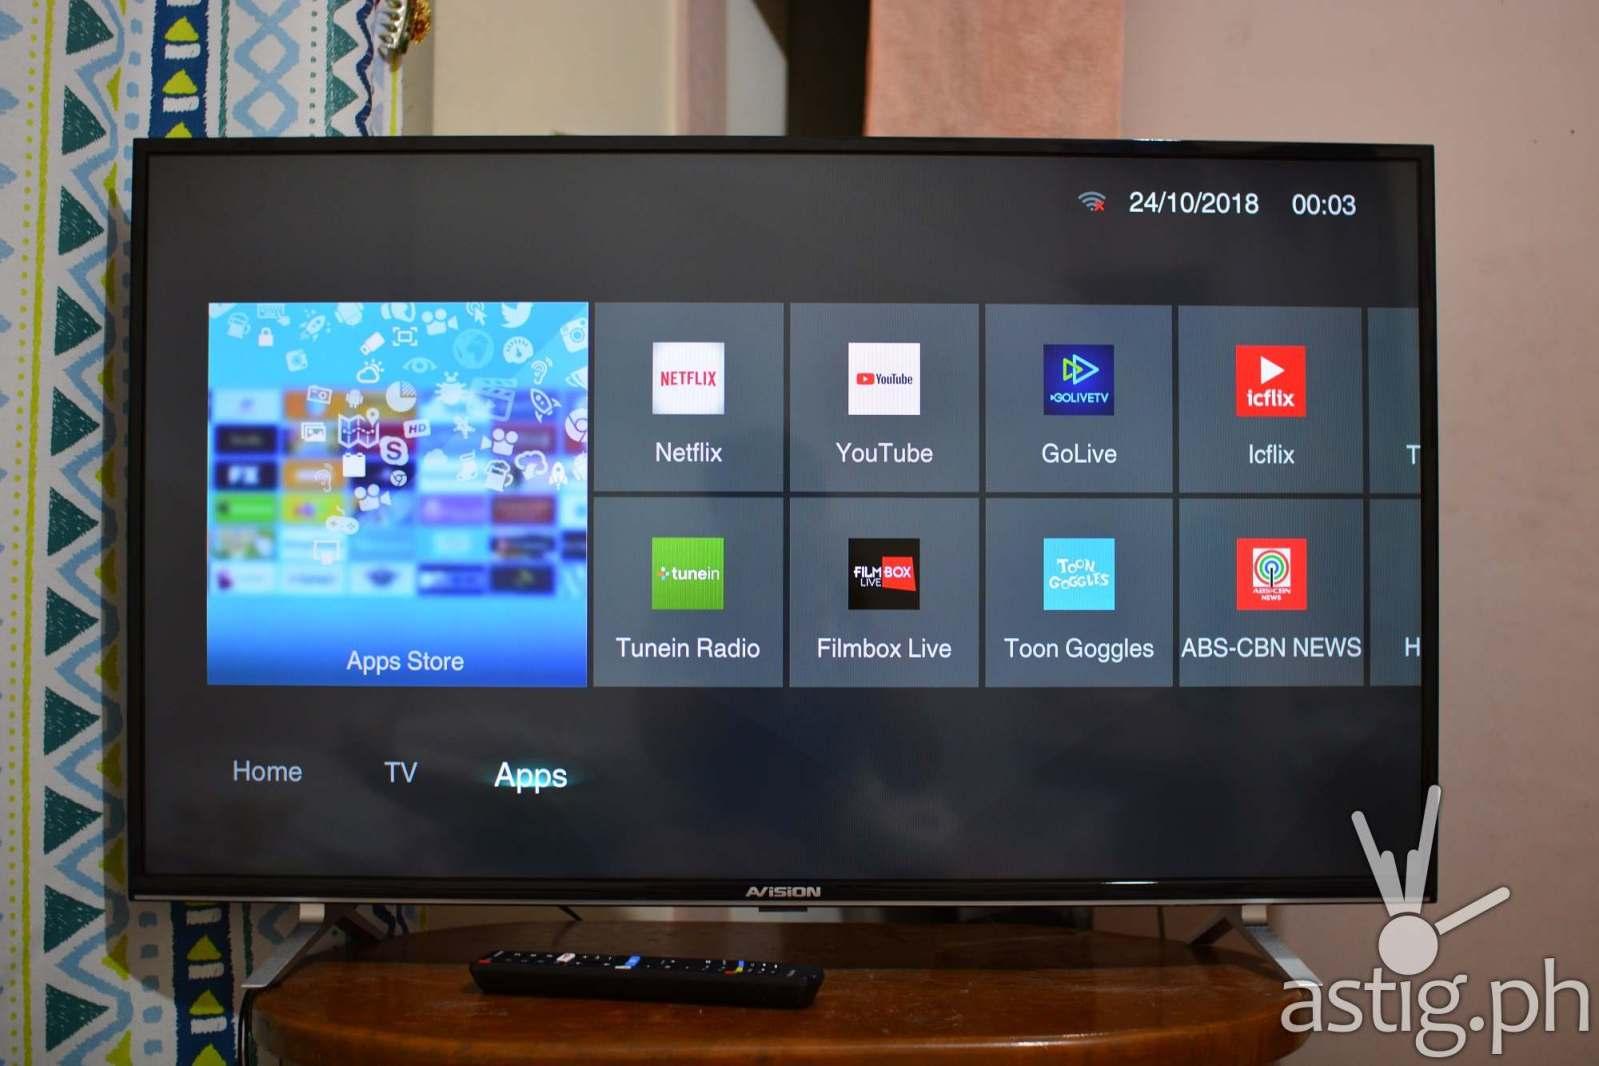 AVision 43FL801 Smart LED TV - Smart apps